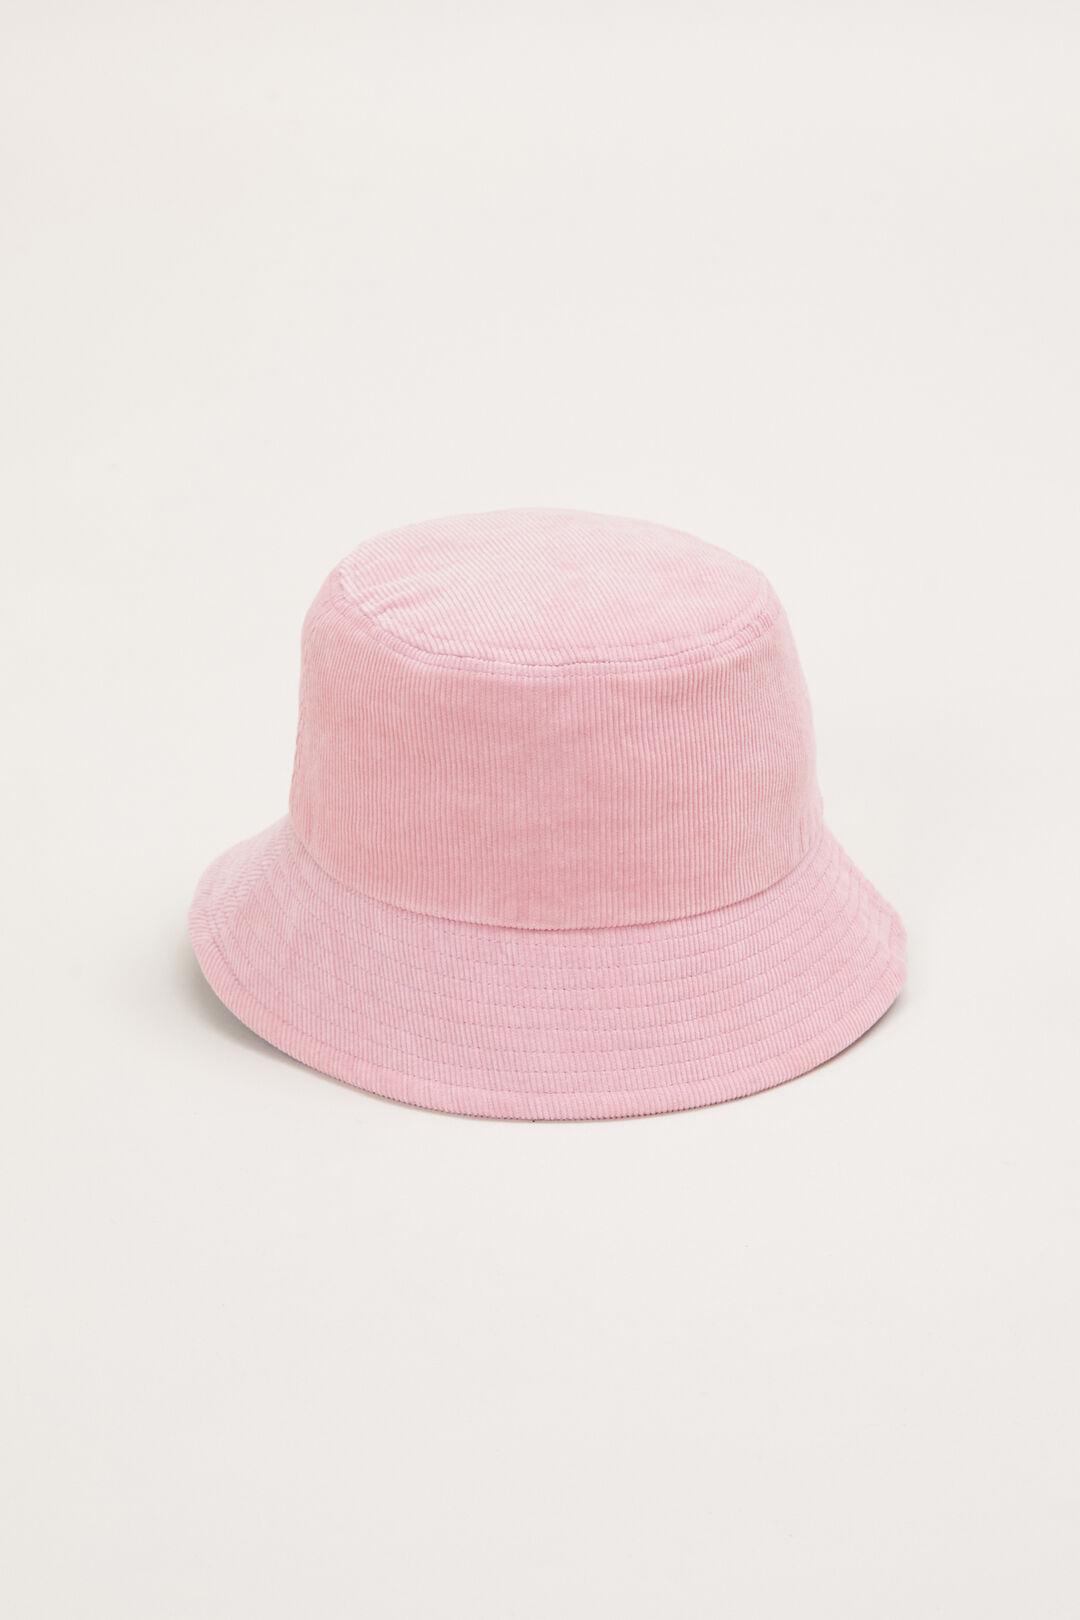 CORDED BUCKET HAT  PINK  hi-res